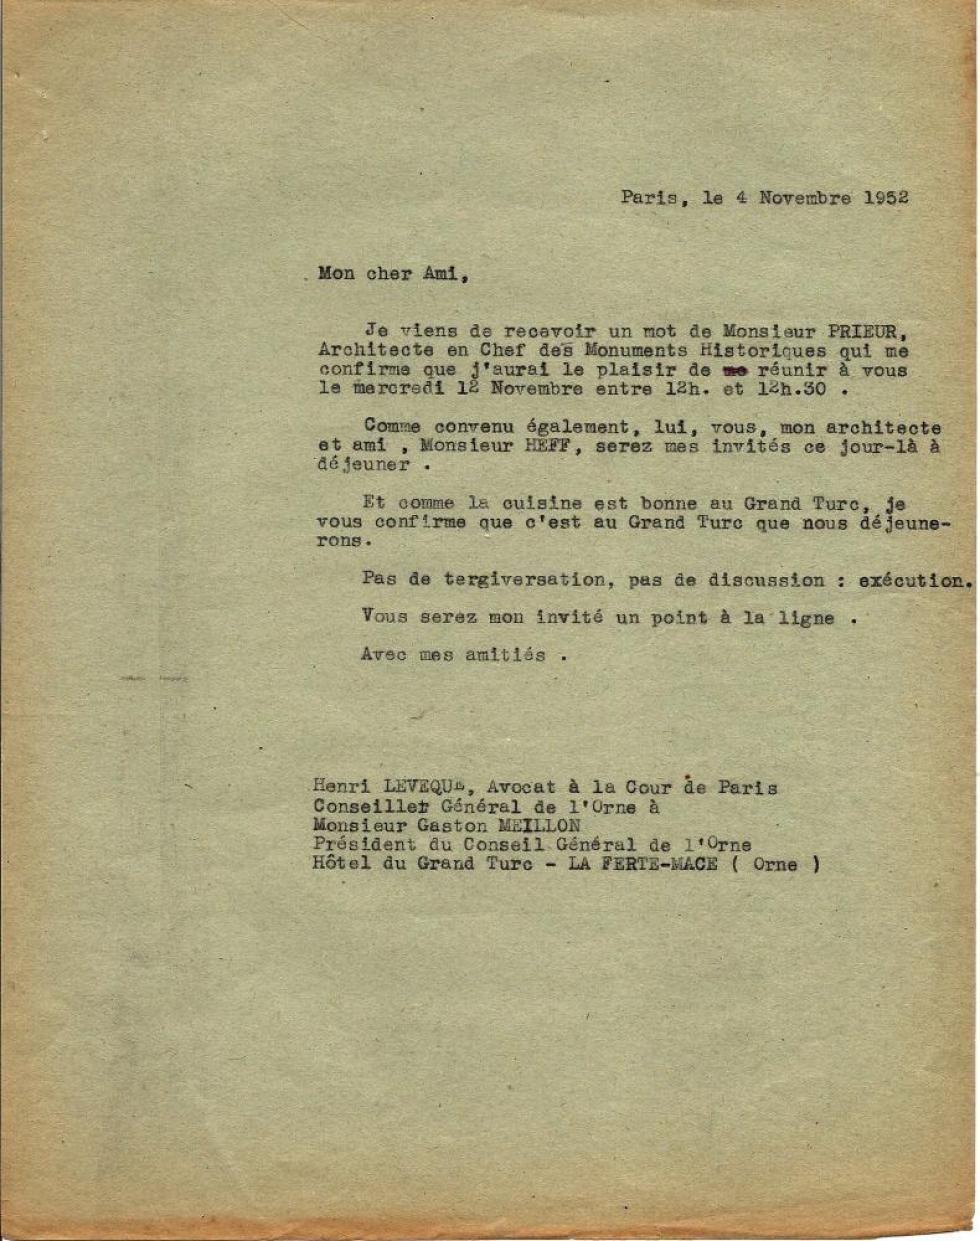 Lettre du 4 novembre 1952 d'Henri LEVEQUE au président du conseil général de l'époque.